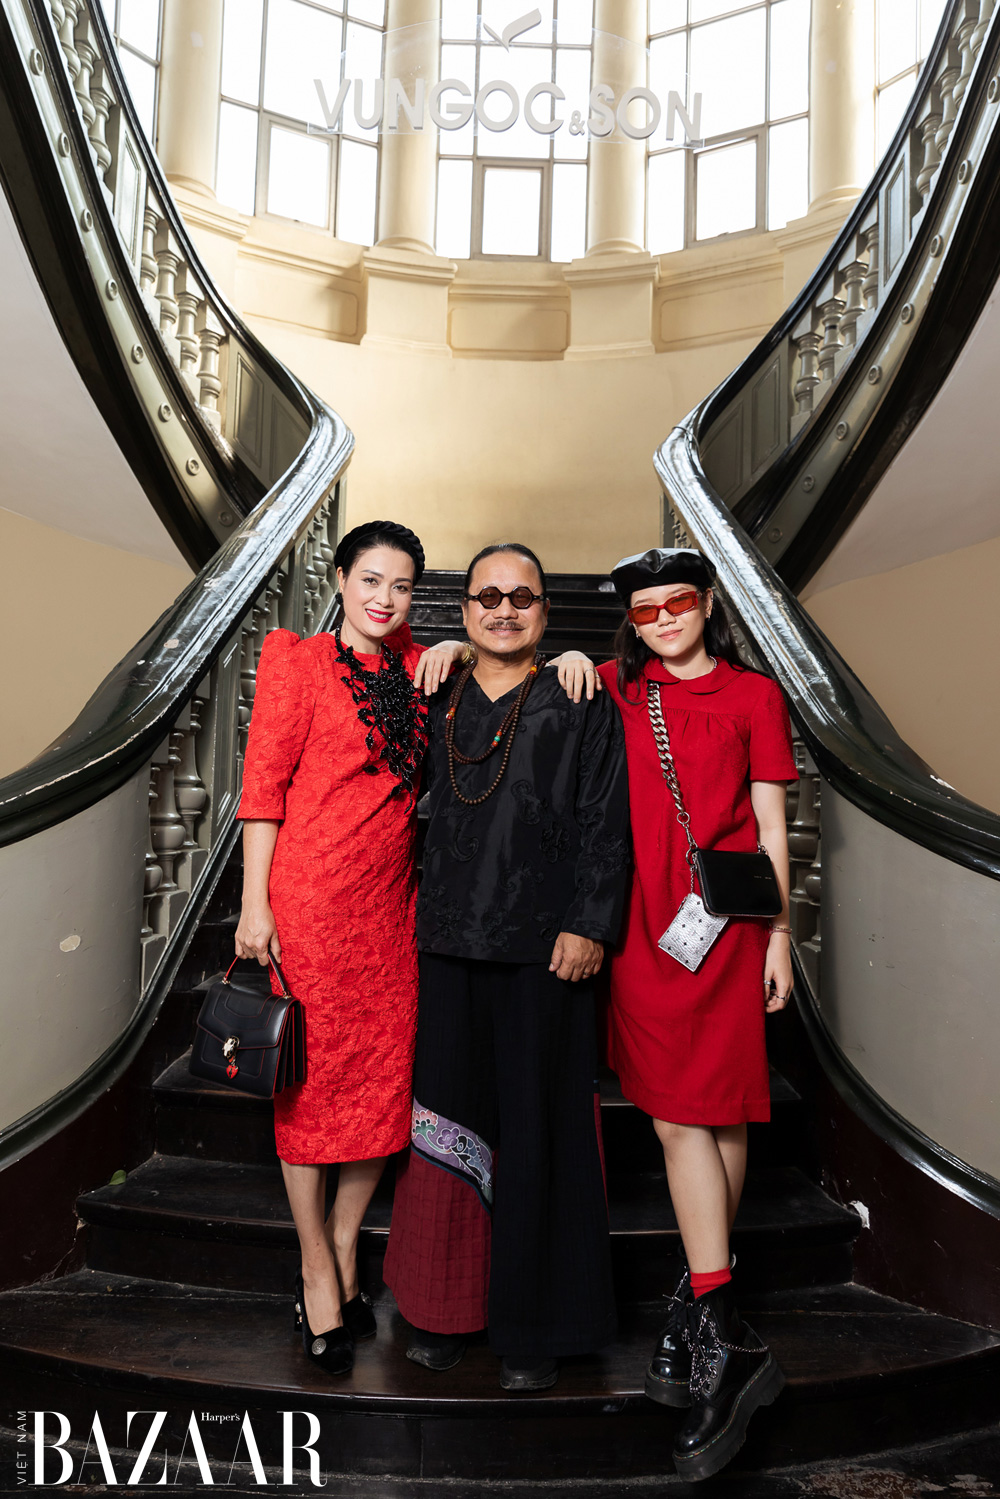 Thảm đỏ hot nhất đầu năm 2021: Dàn sao Việt đình đám quy tụ trong show của Vungoc&son 6